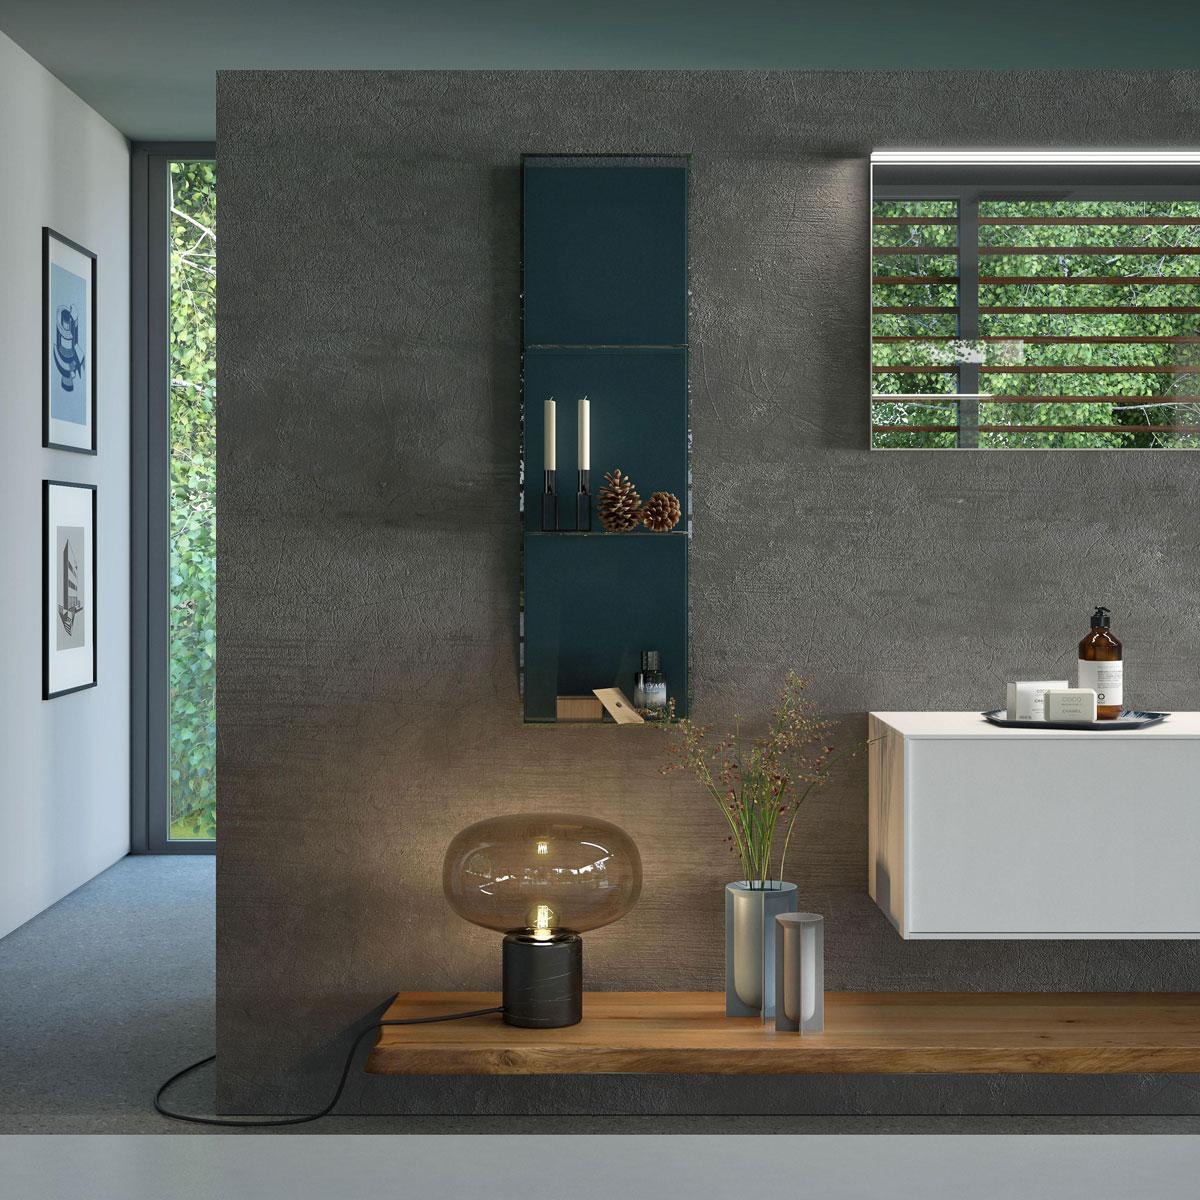 Arredo bagno legno massello abete grezzo puntotre arredobagno - Arredo bagno in legno ...